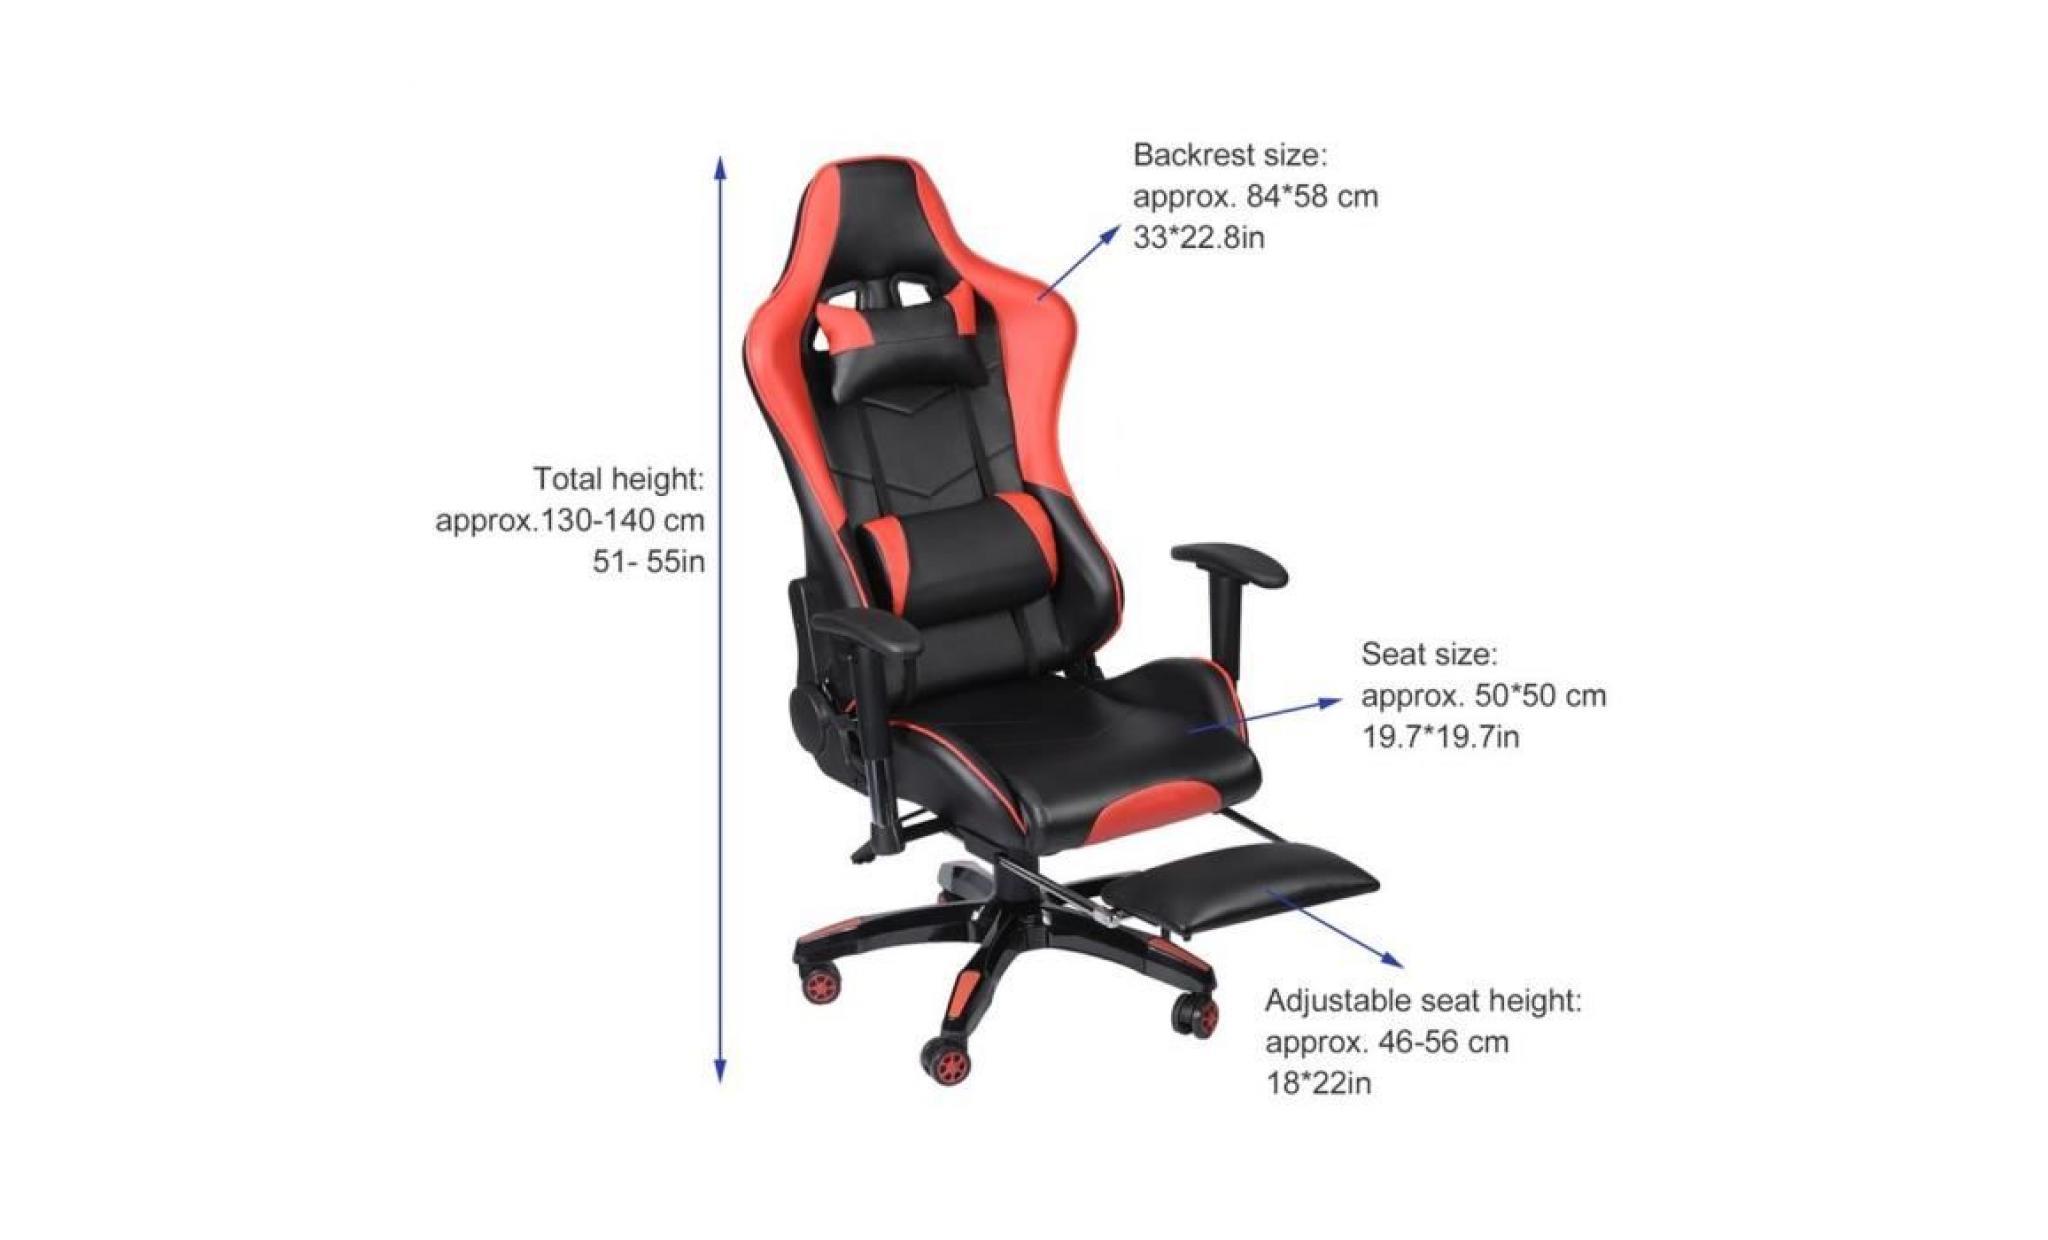 Pivot Modern Ergonomique De À Gamer Confortable Avec D'appui Tête Chaise Design Roulantes Fauteuil Jeu Roues Fatigue 135 ° Anti USGqzpMVL